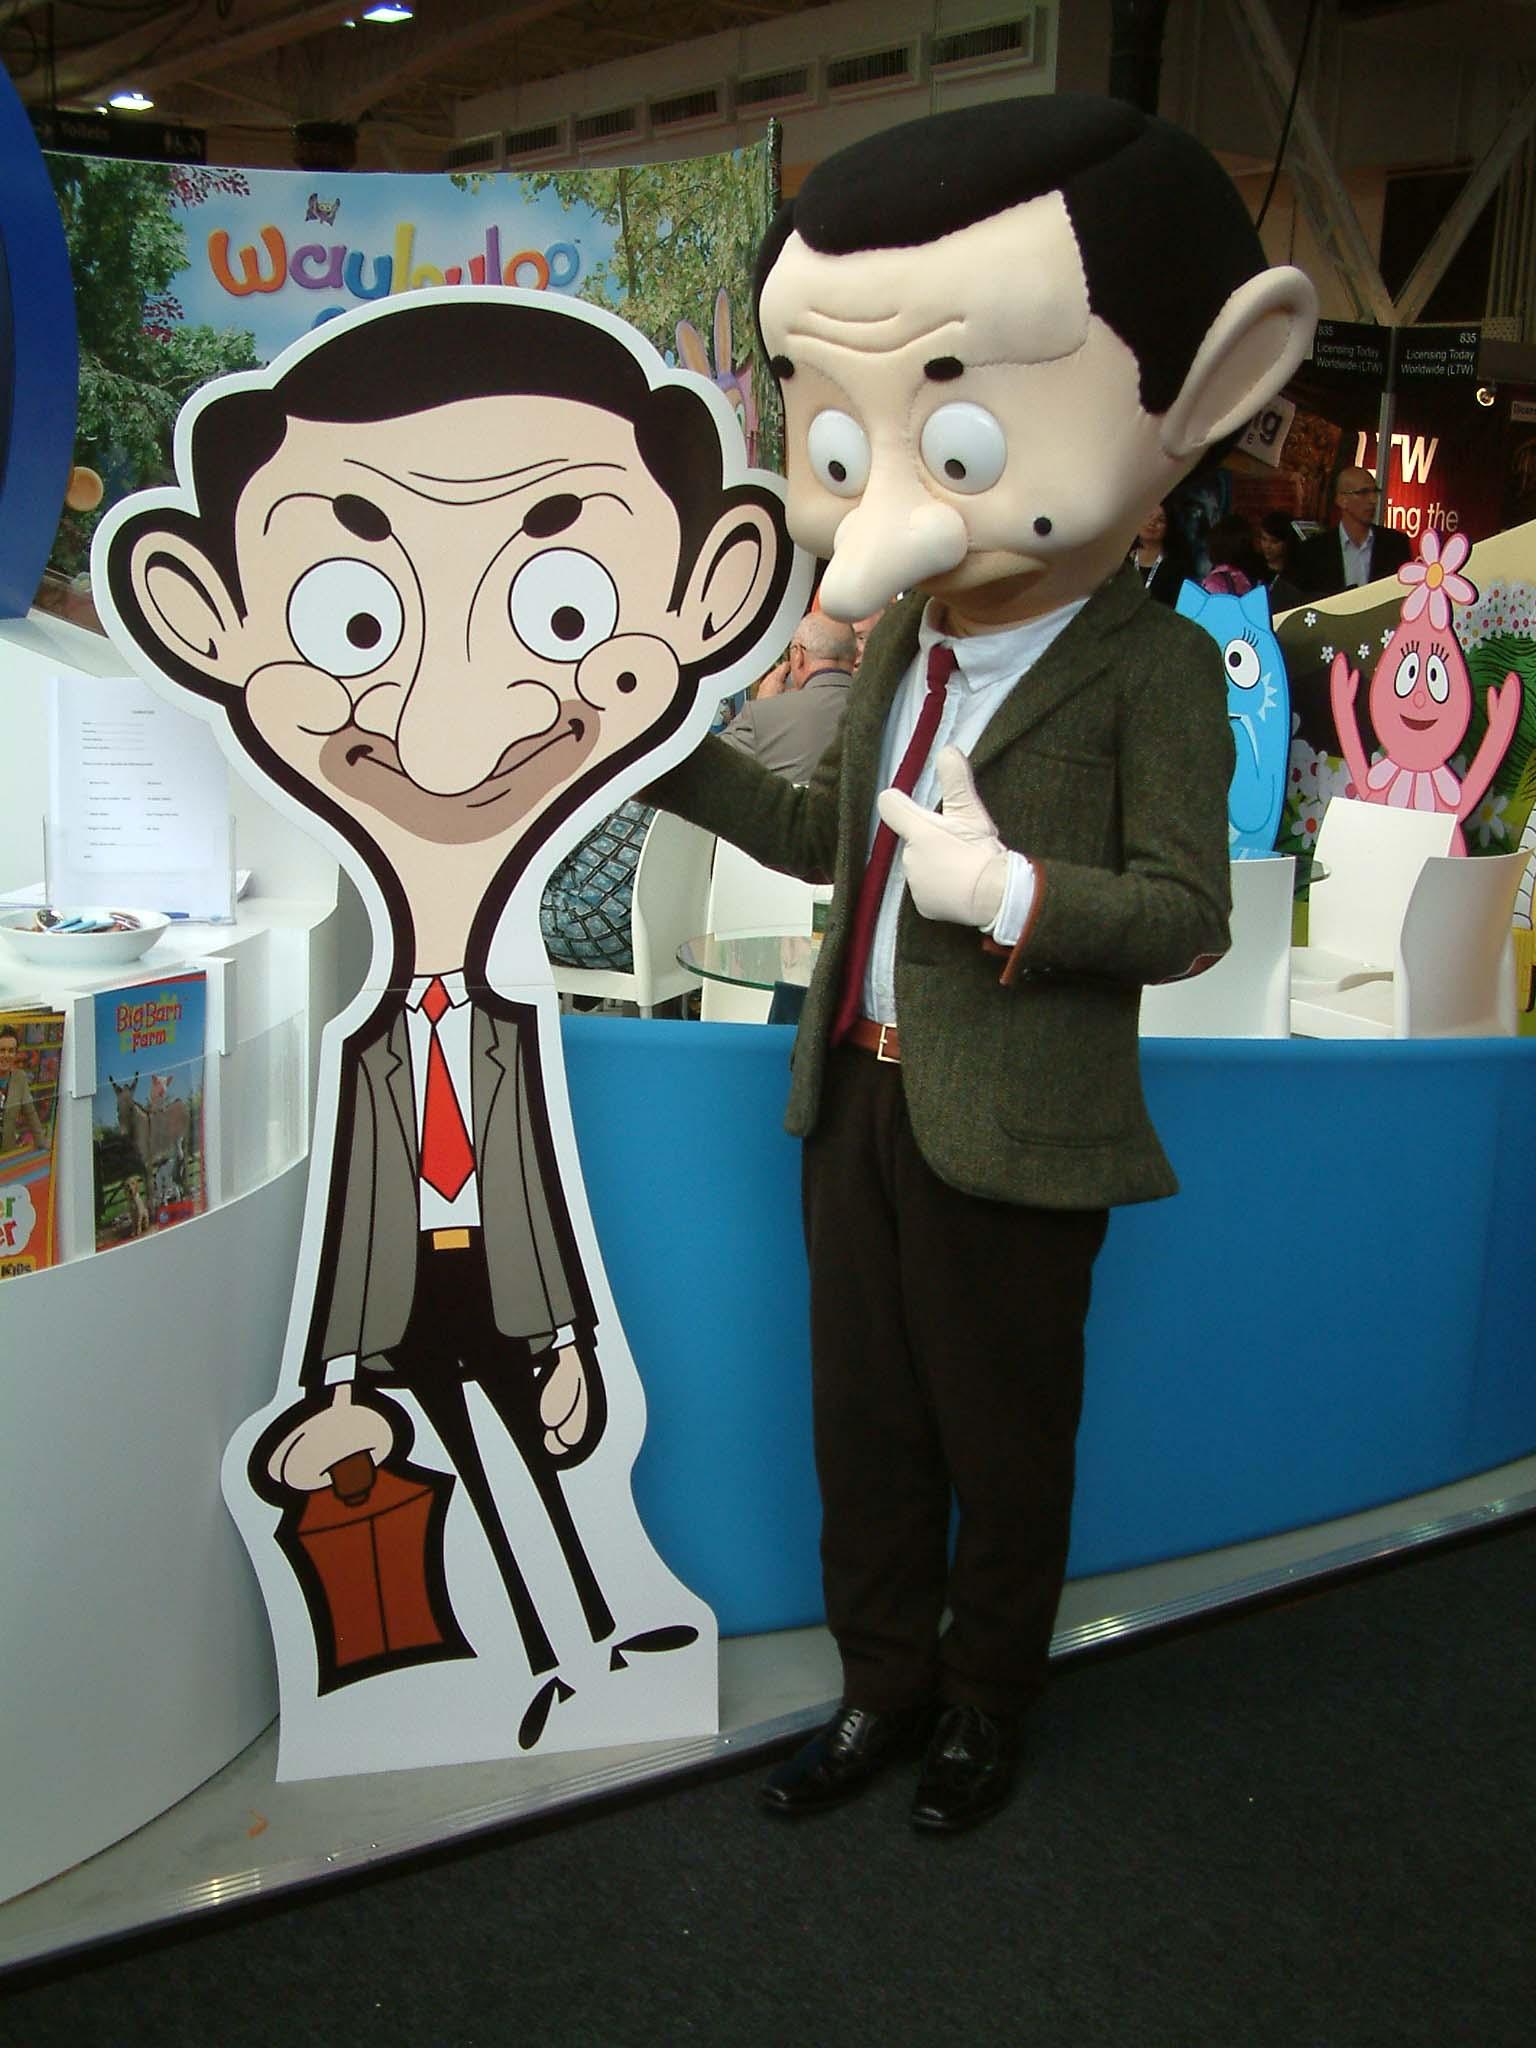 Mr Bean cut-out meets Mr Bean mascot